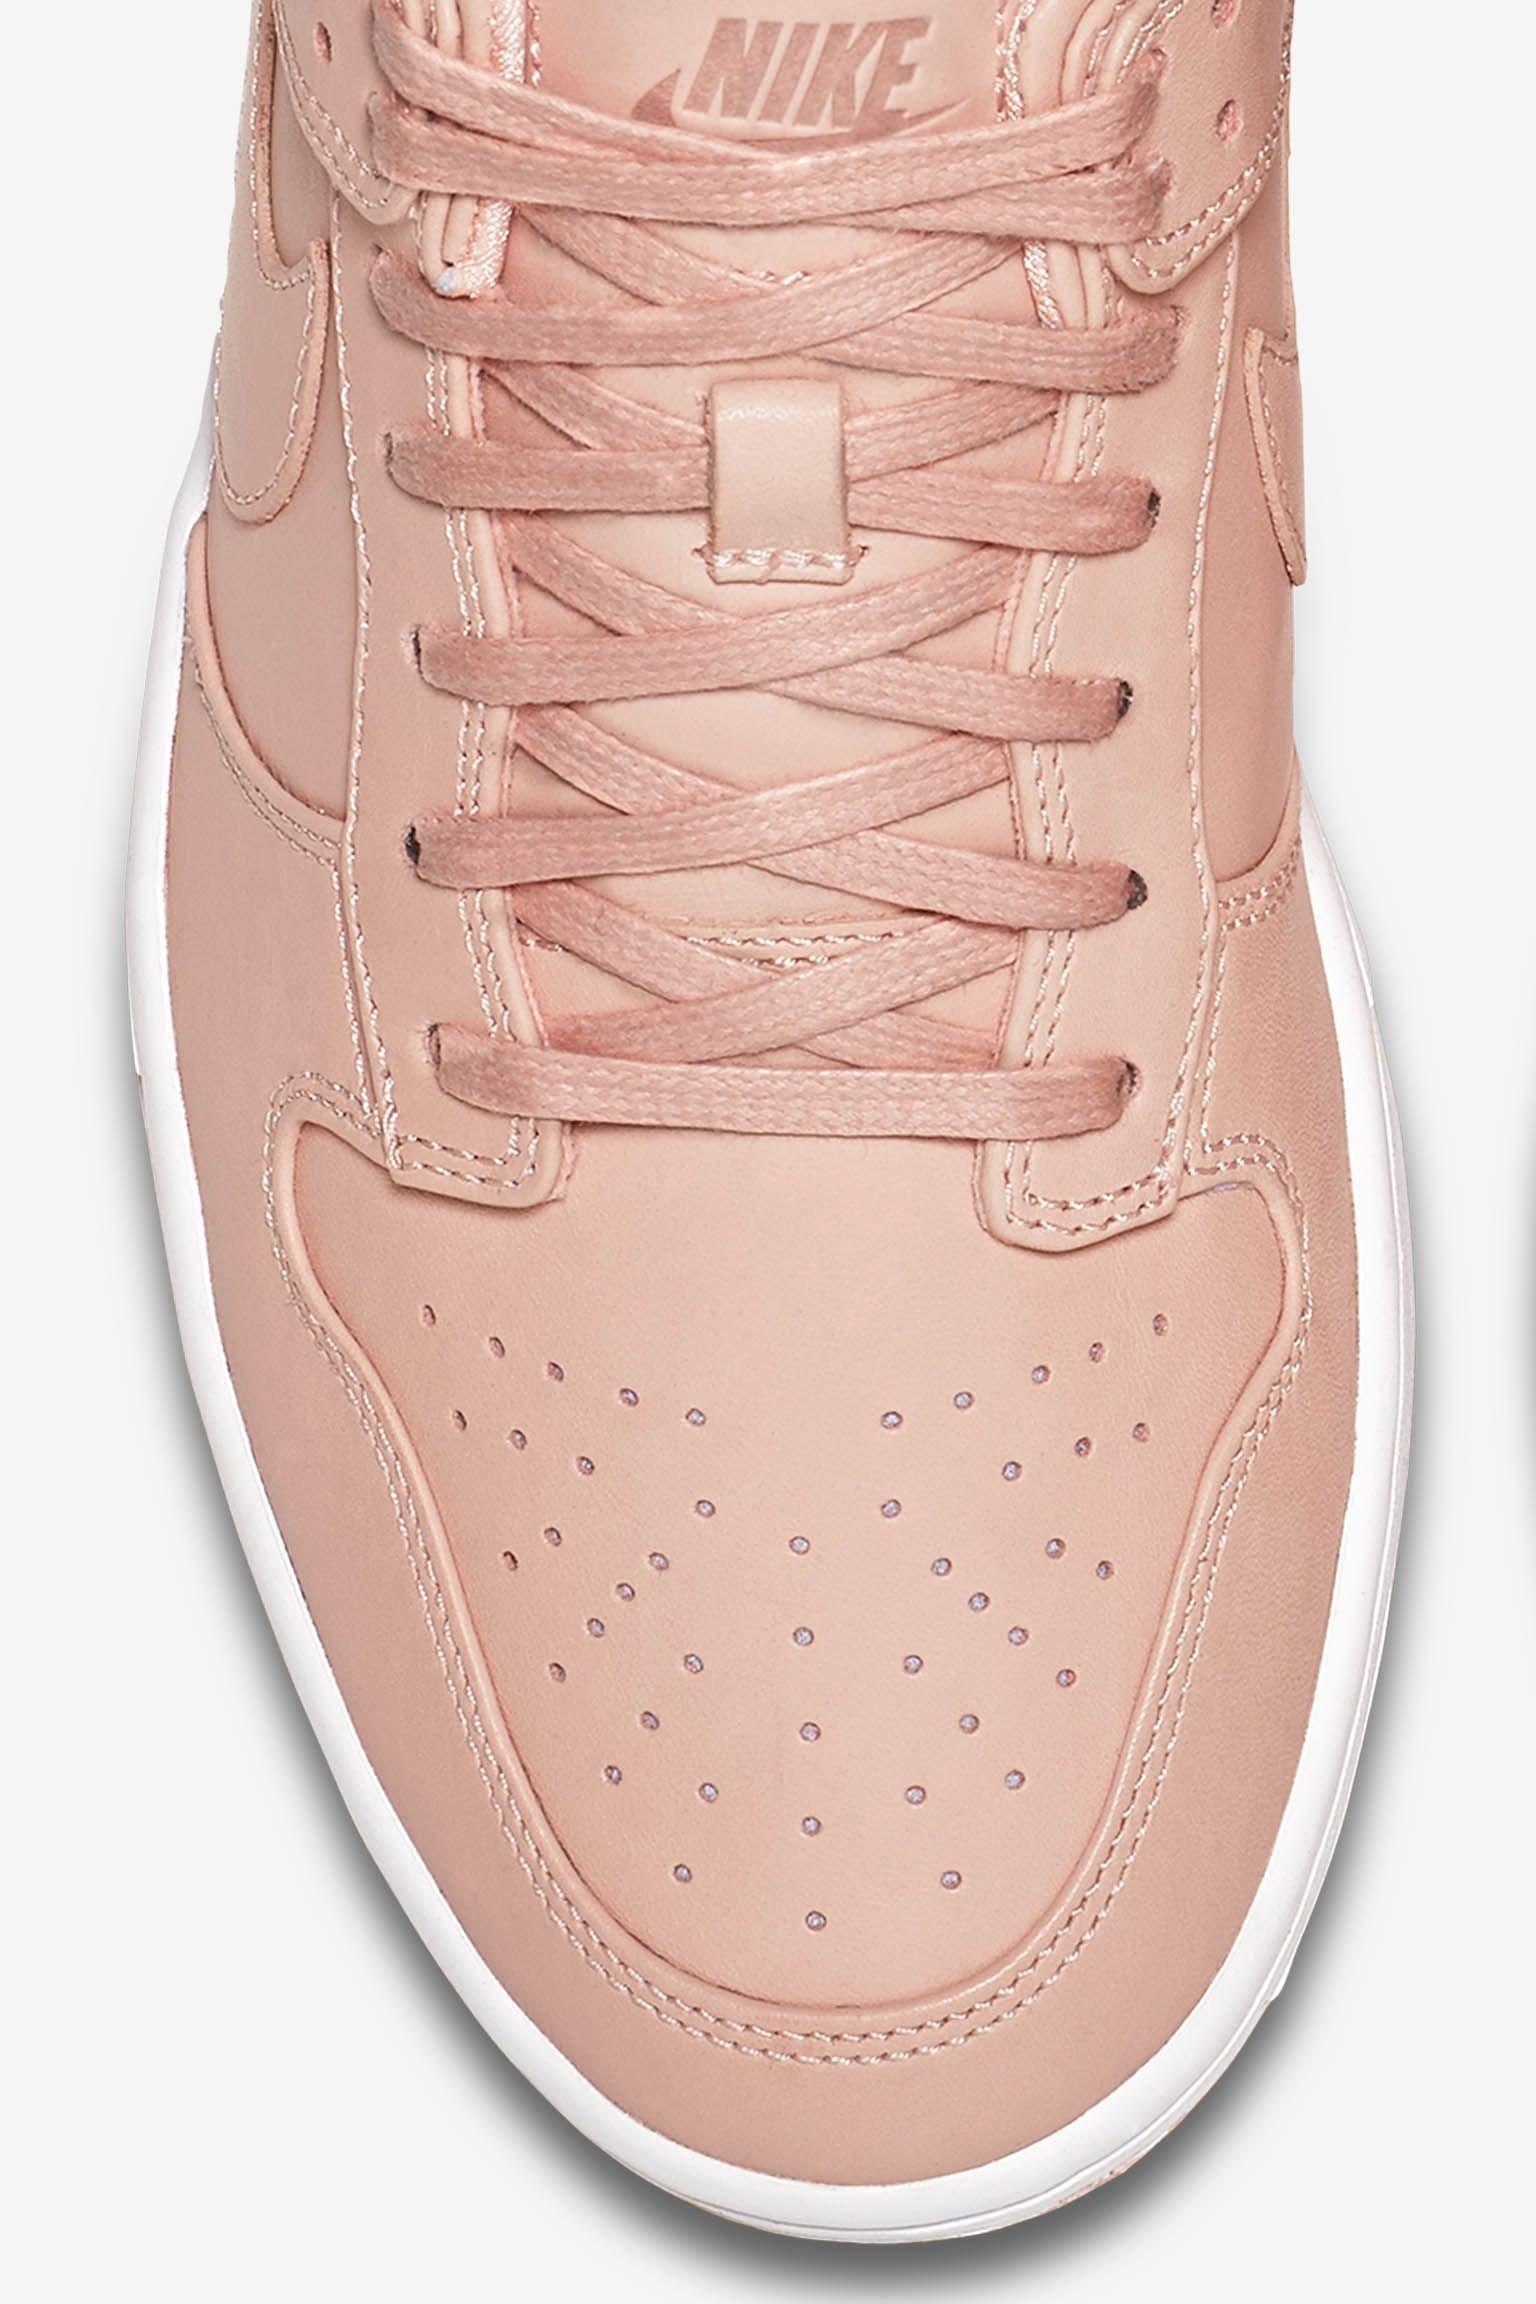 NikeLab Dunk Lux Low 'Arctic Orange'